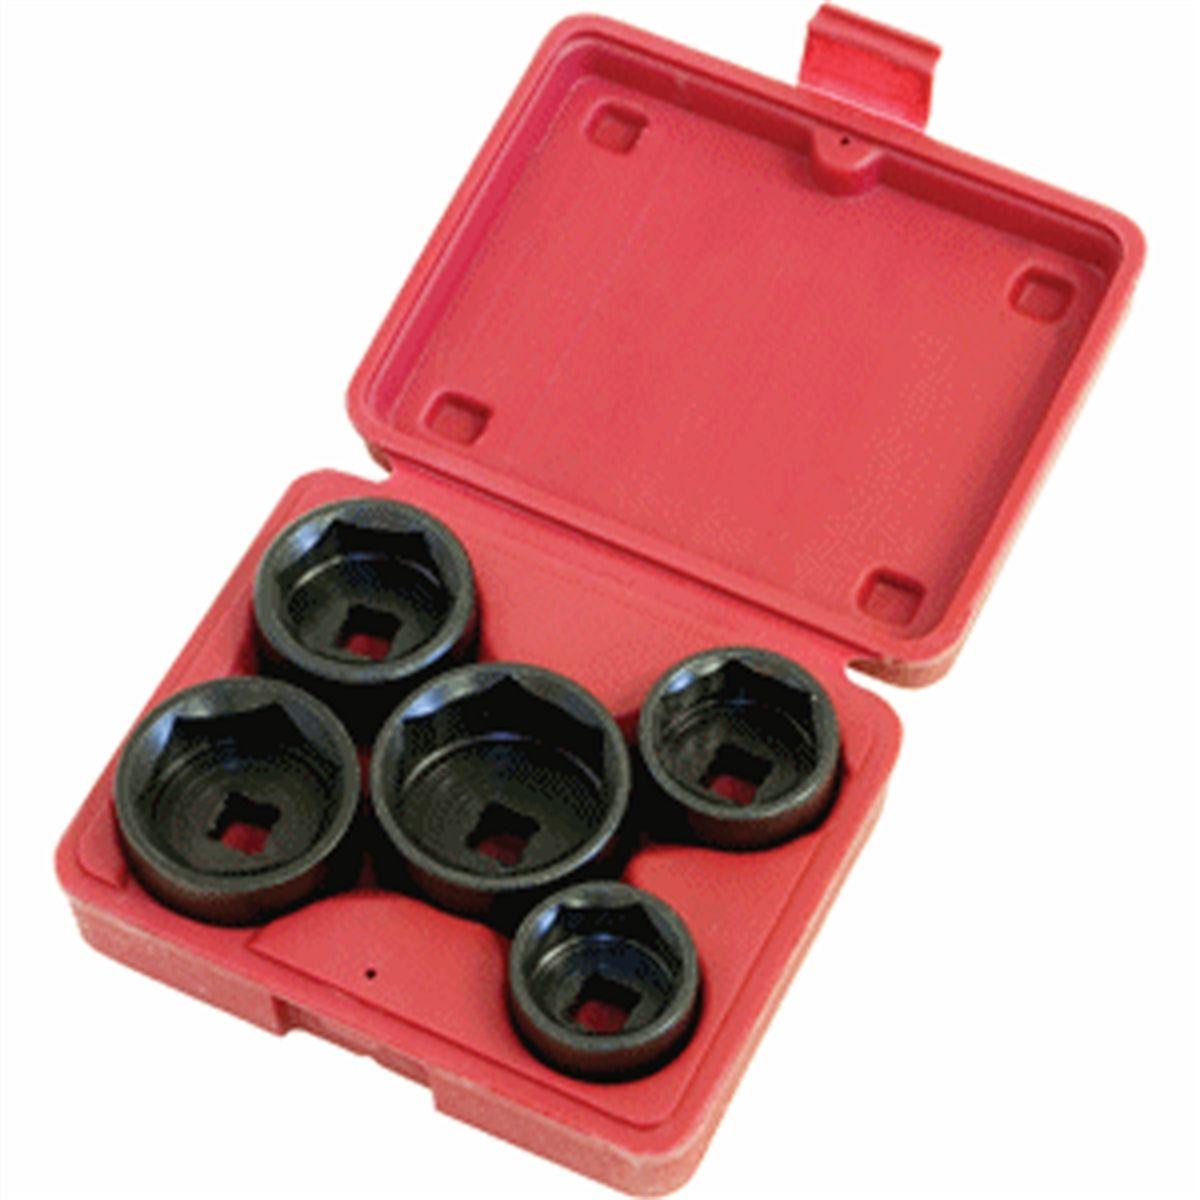 Lisle 13300 3 8 In Dr Oil Filter Socket Set Lis13300 Li13300 Mercedes Fuel Hose Tool End Cap 5 Pc